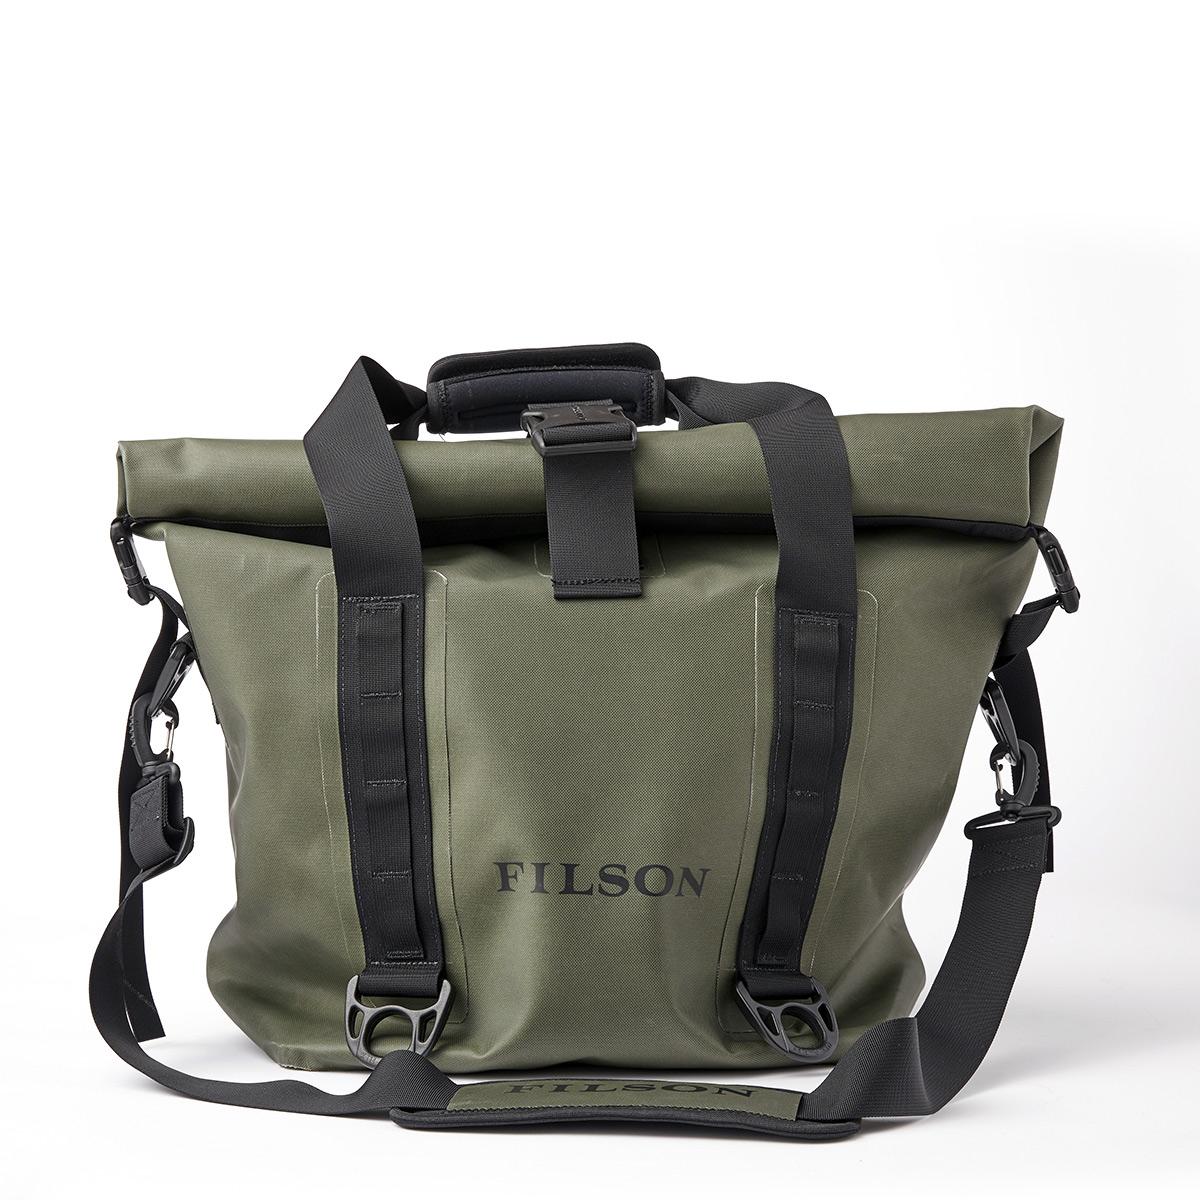 Filson Dry Roll-Top Tote Bag Green, für den Einsatz bei allen Wetterbedingungen